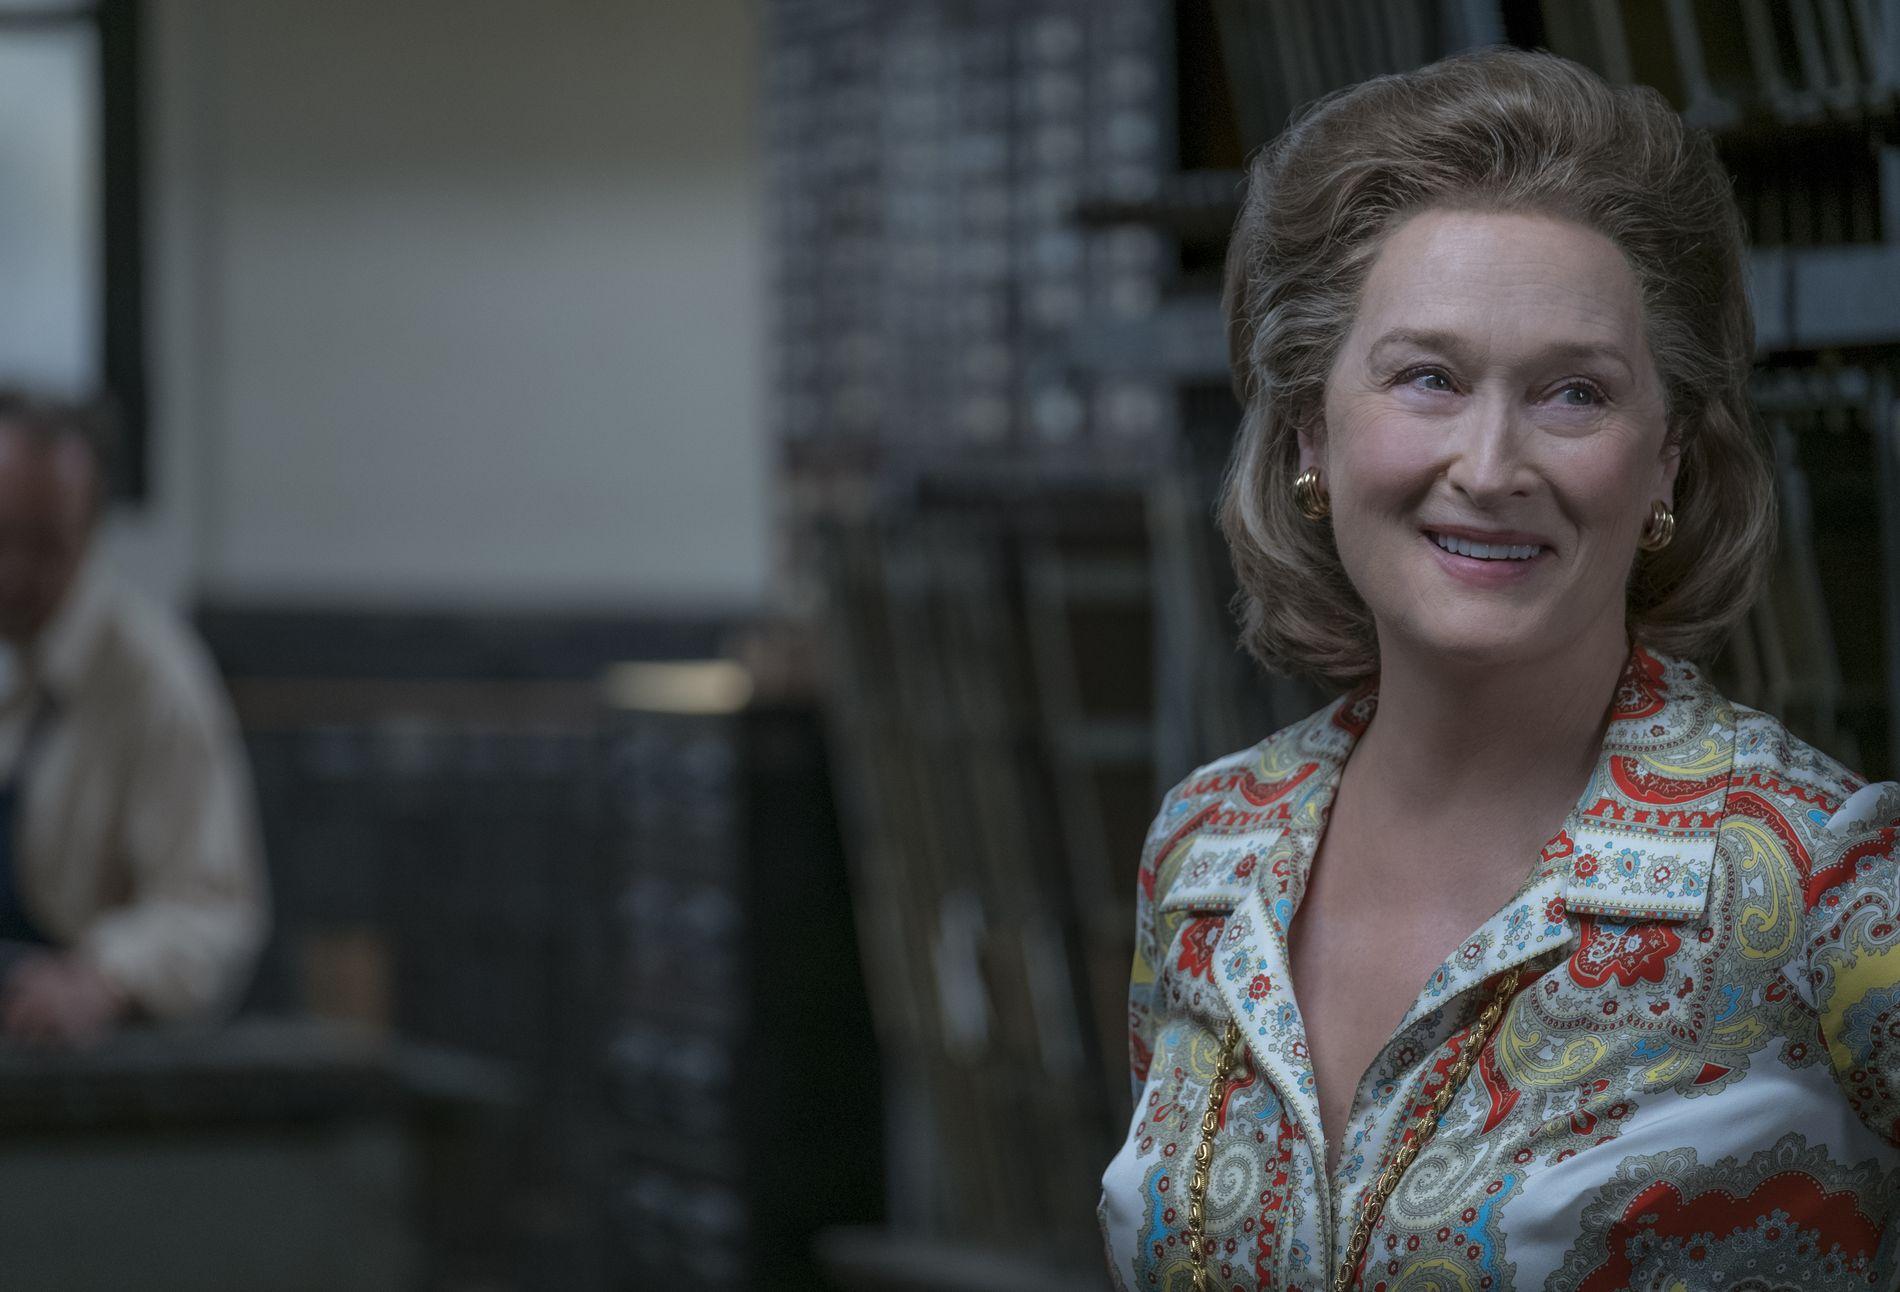 KVINNELIG SJEFREDAKTØR: Meryl Streep i rollen som Washington Post-redaktør Katharine Graham.